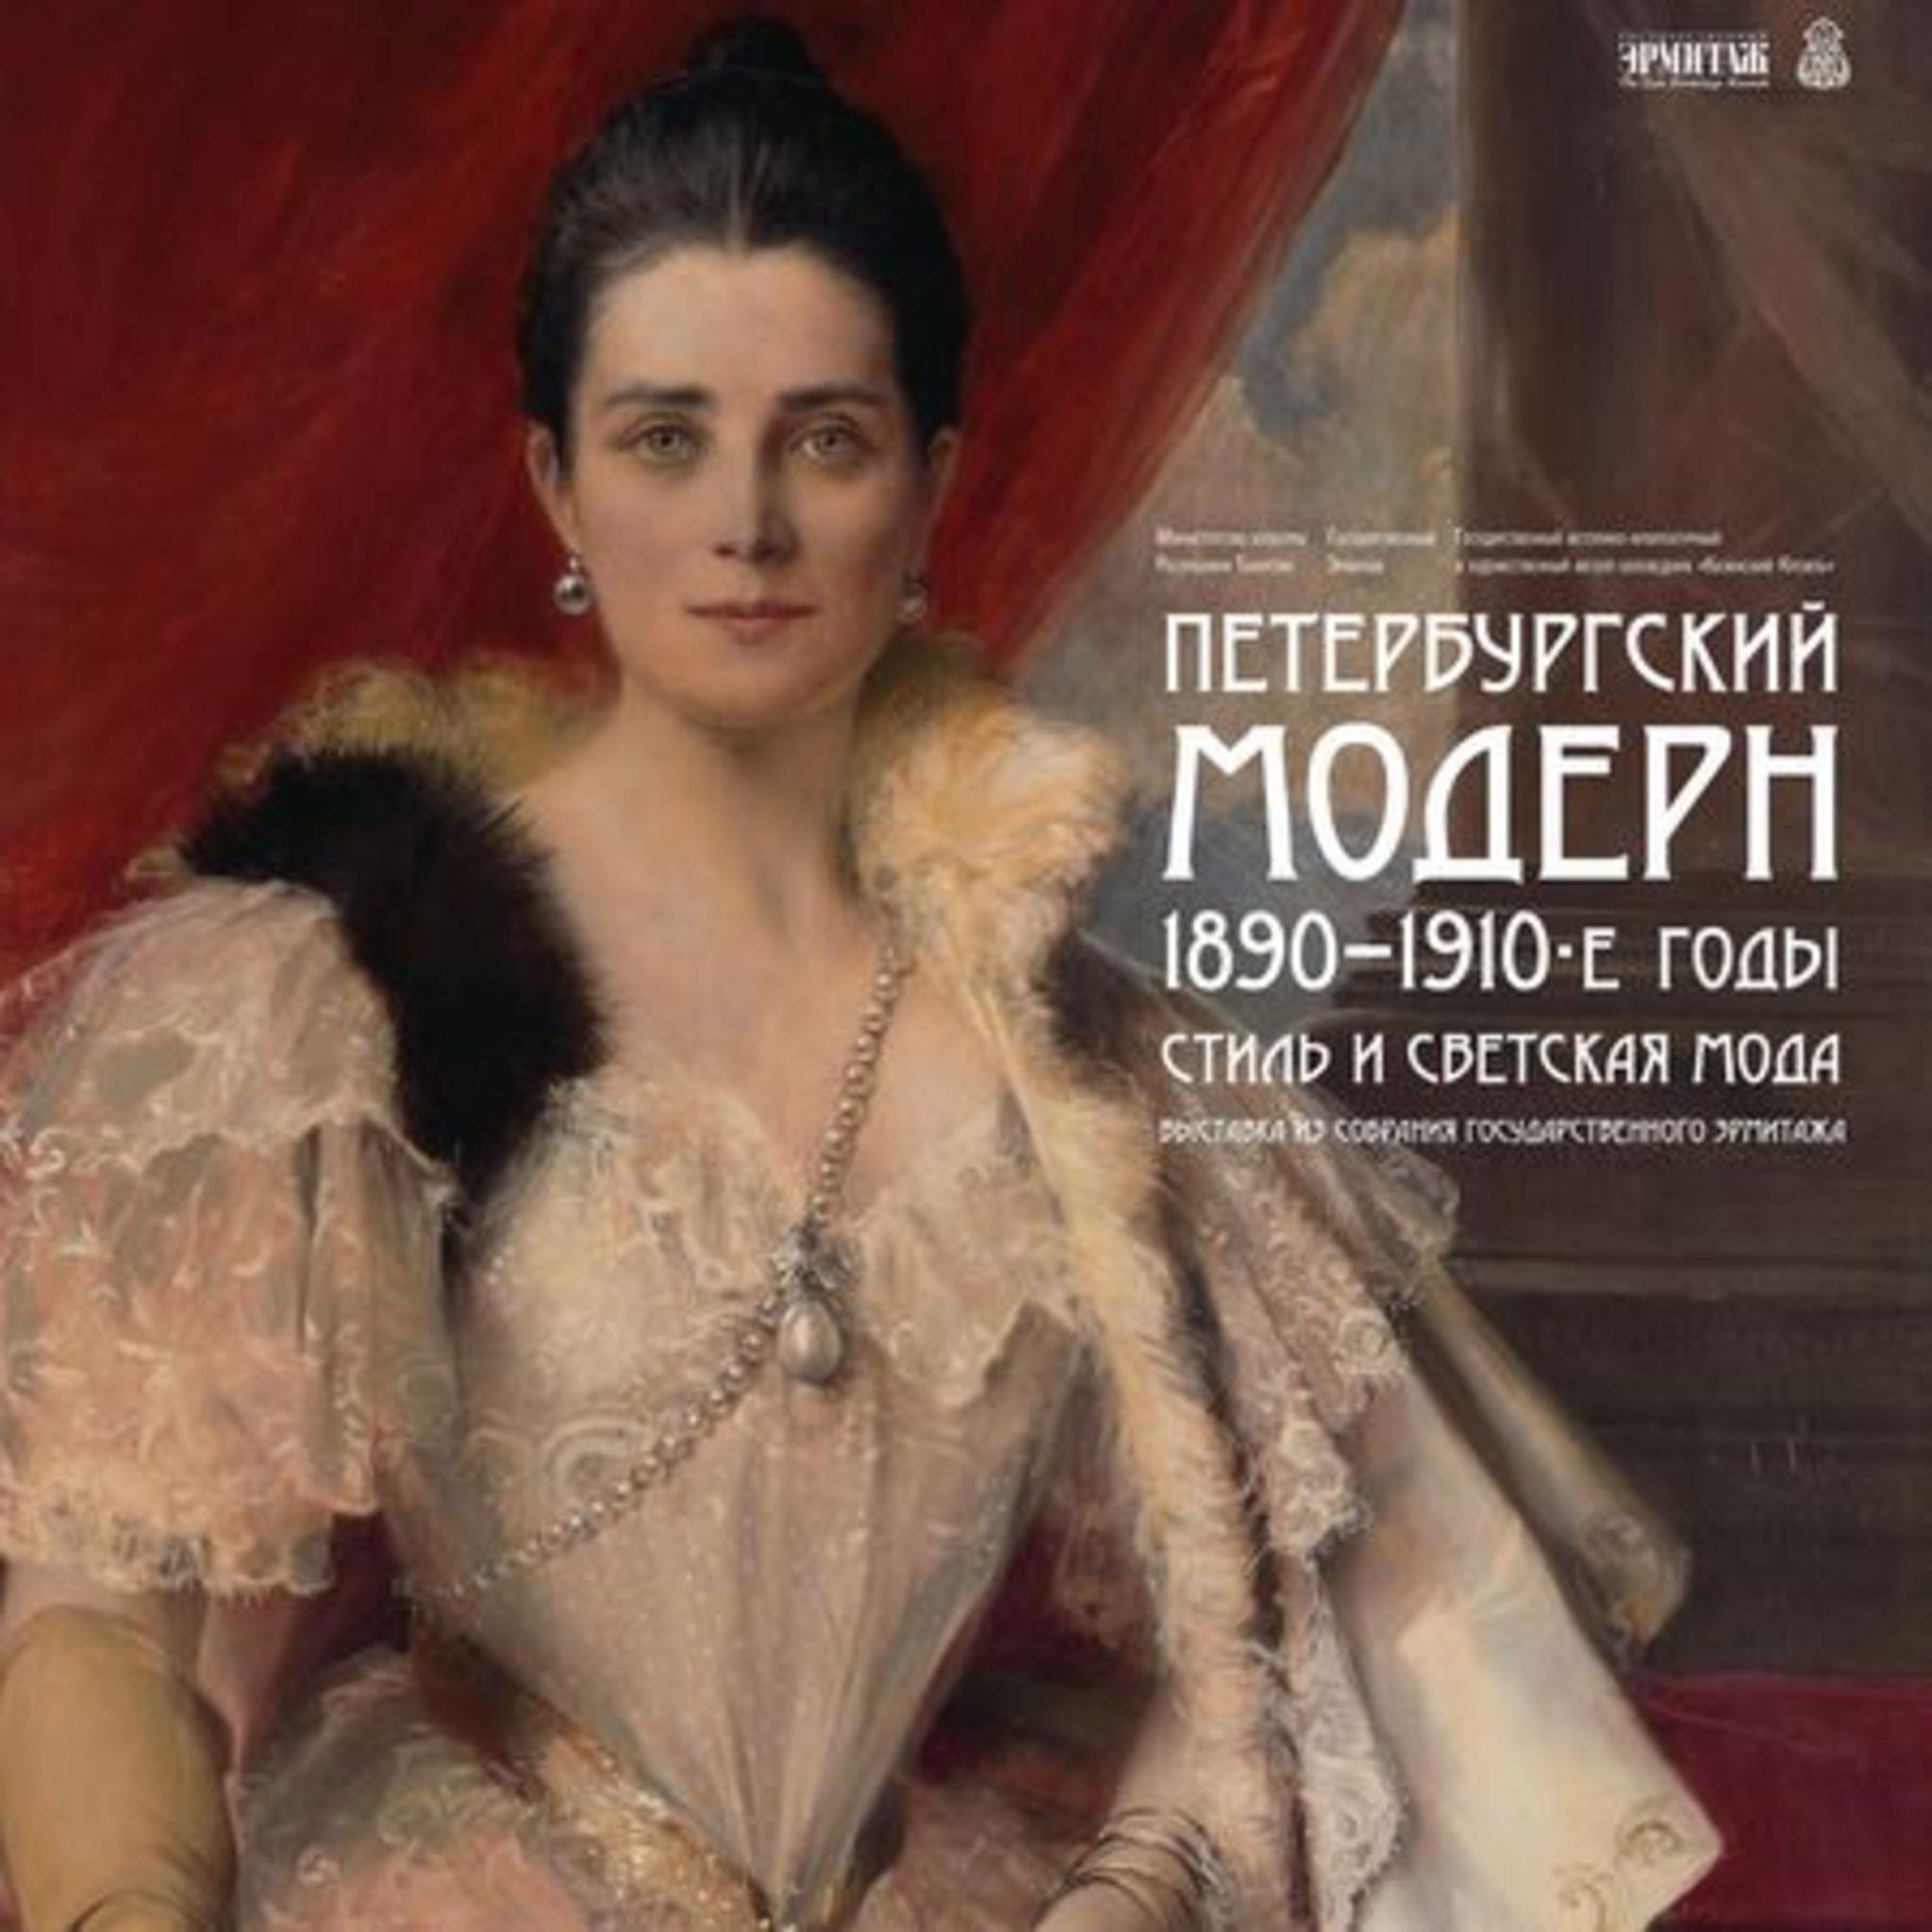 Обзорная экскурсия по выставке «Петербургский модерн. 1890-1910-е годы. Стиль и светская мода»